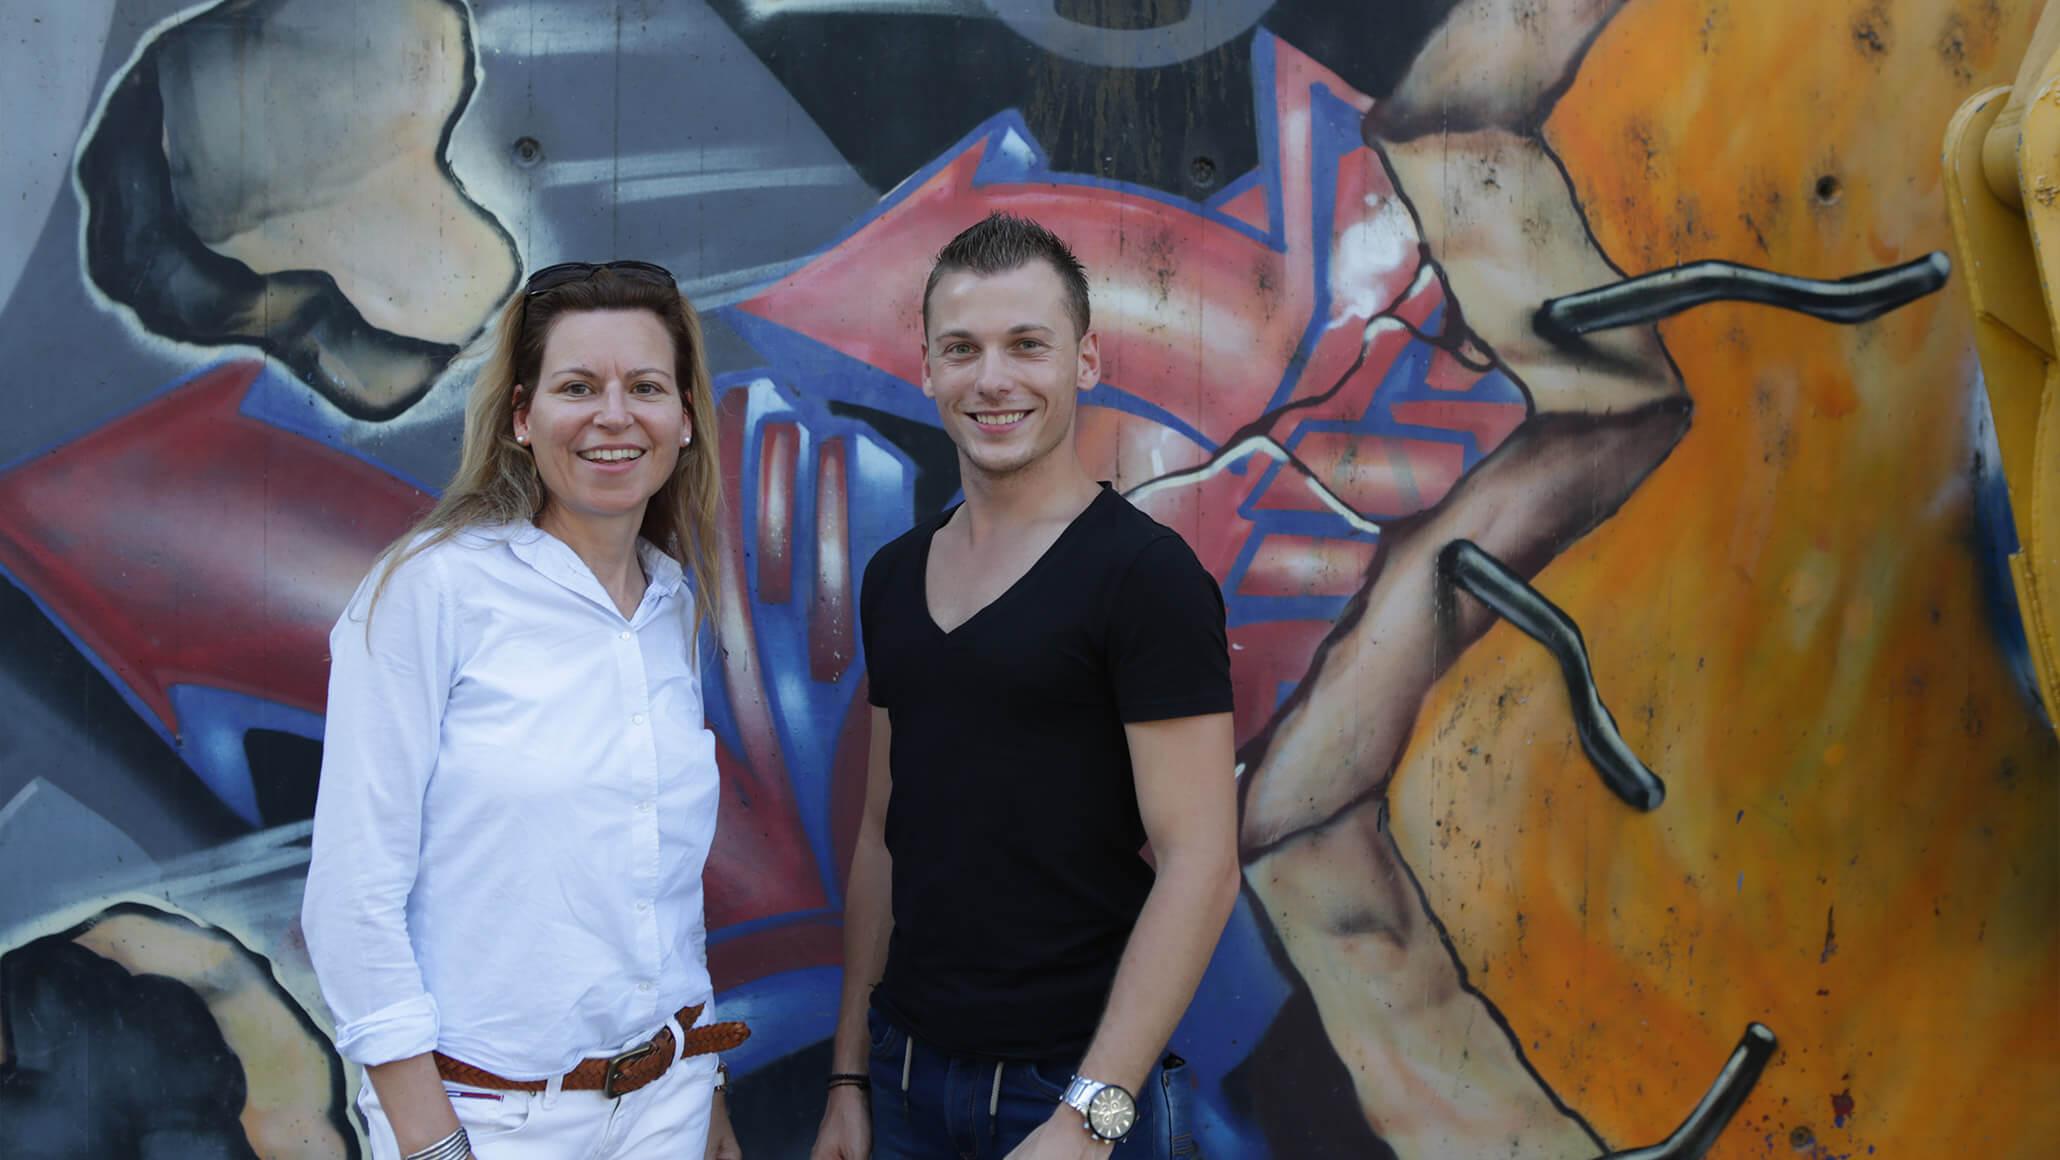 Teamevent: Einen Teil des PRtools-Team, Daniela Obrecht und Andreas Lehmann bei einem gemeinsamen Foto vor einer Graffiti-Wand in Zürich, Schweiz.